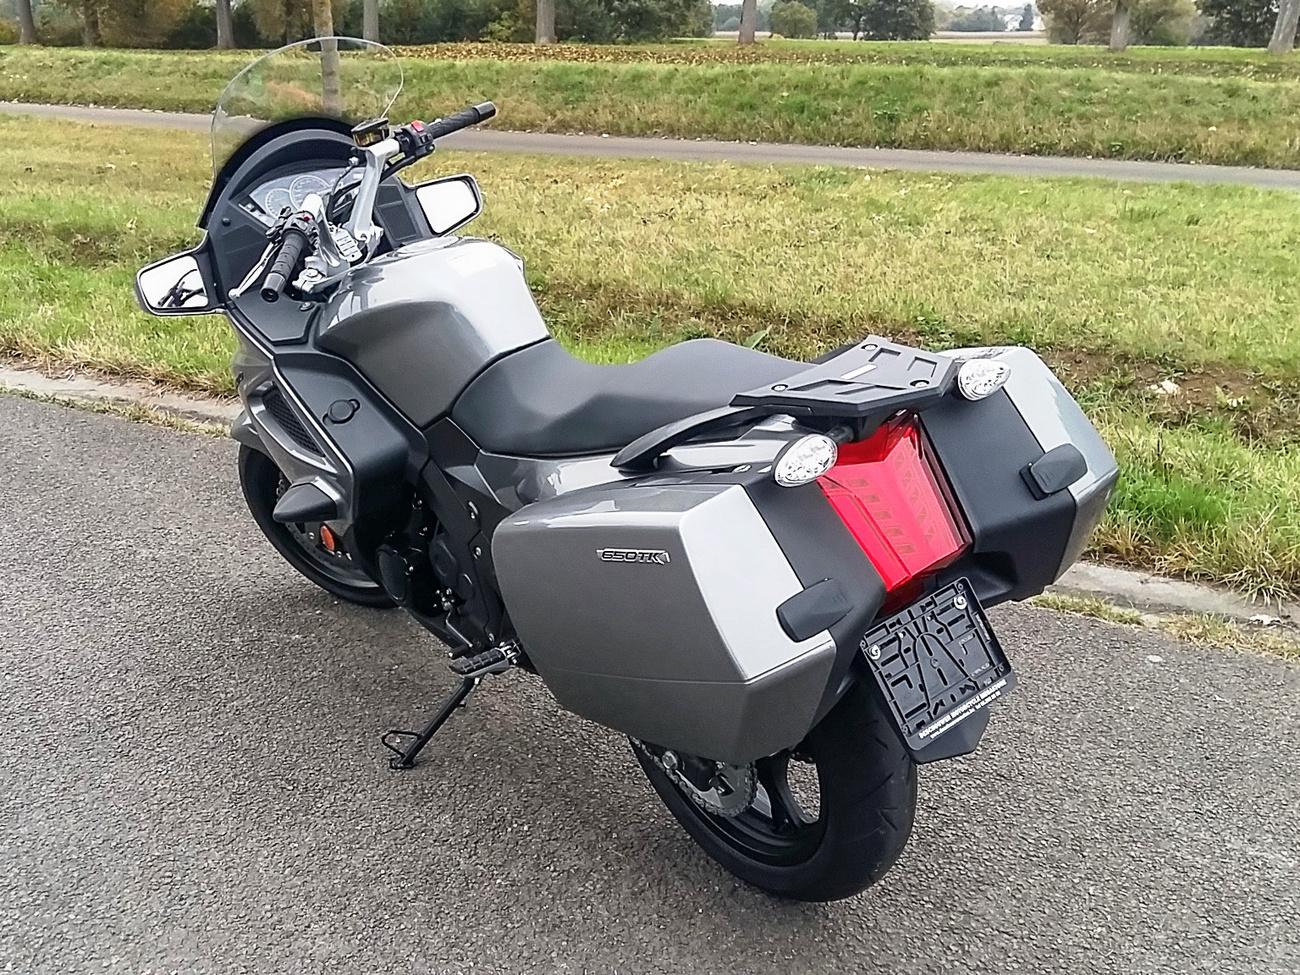 Ez ugyanaz minusz 1000 eurónyi műanyag - az a két holland női bicaj valahogy bizalomgerjesztőbb